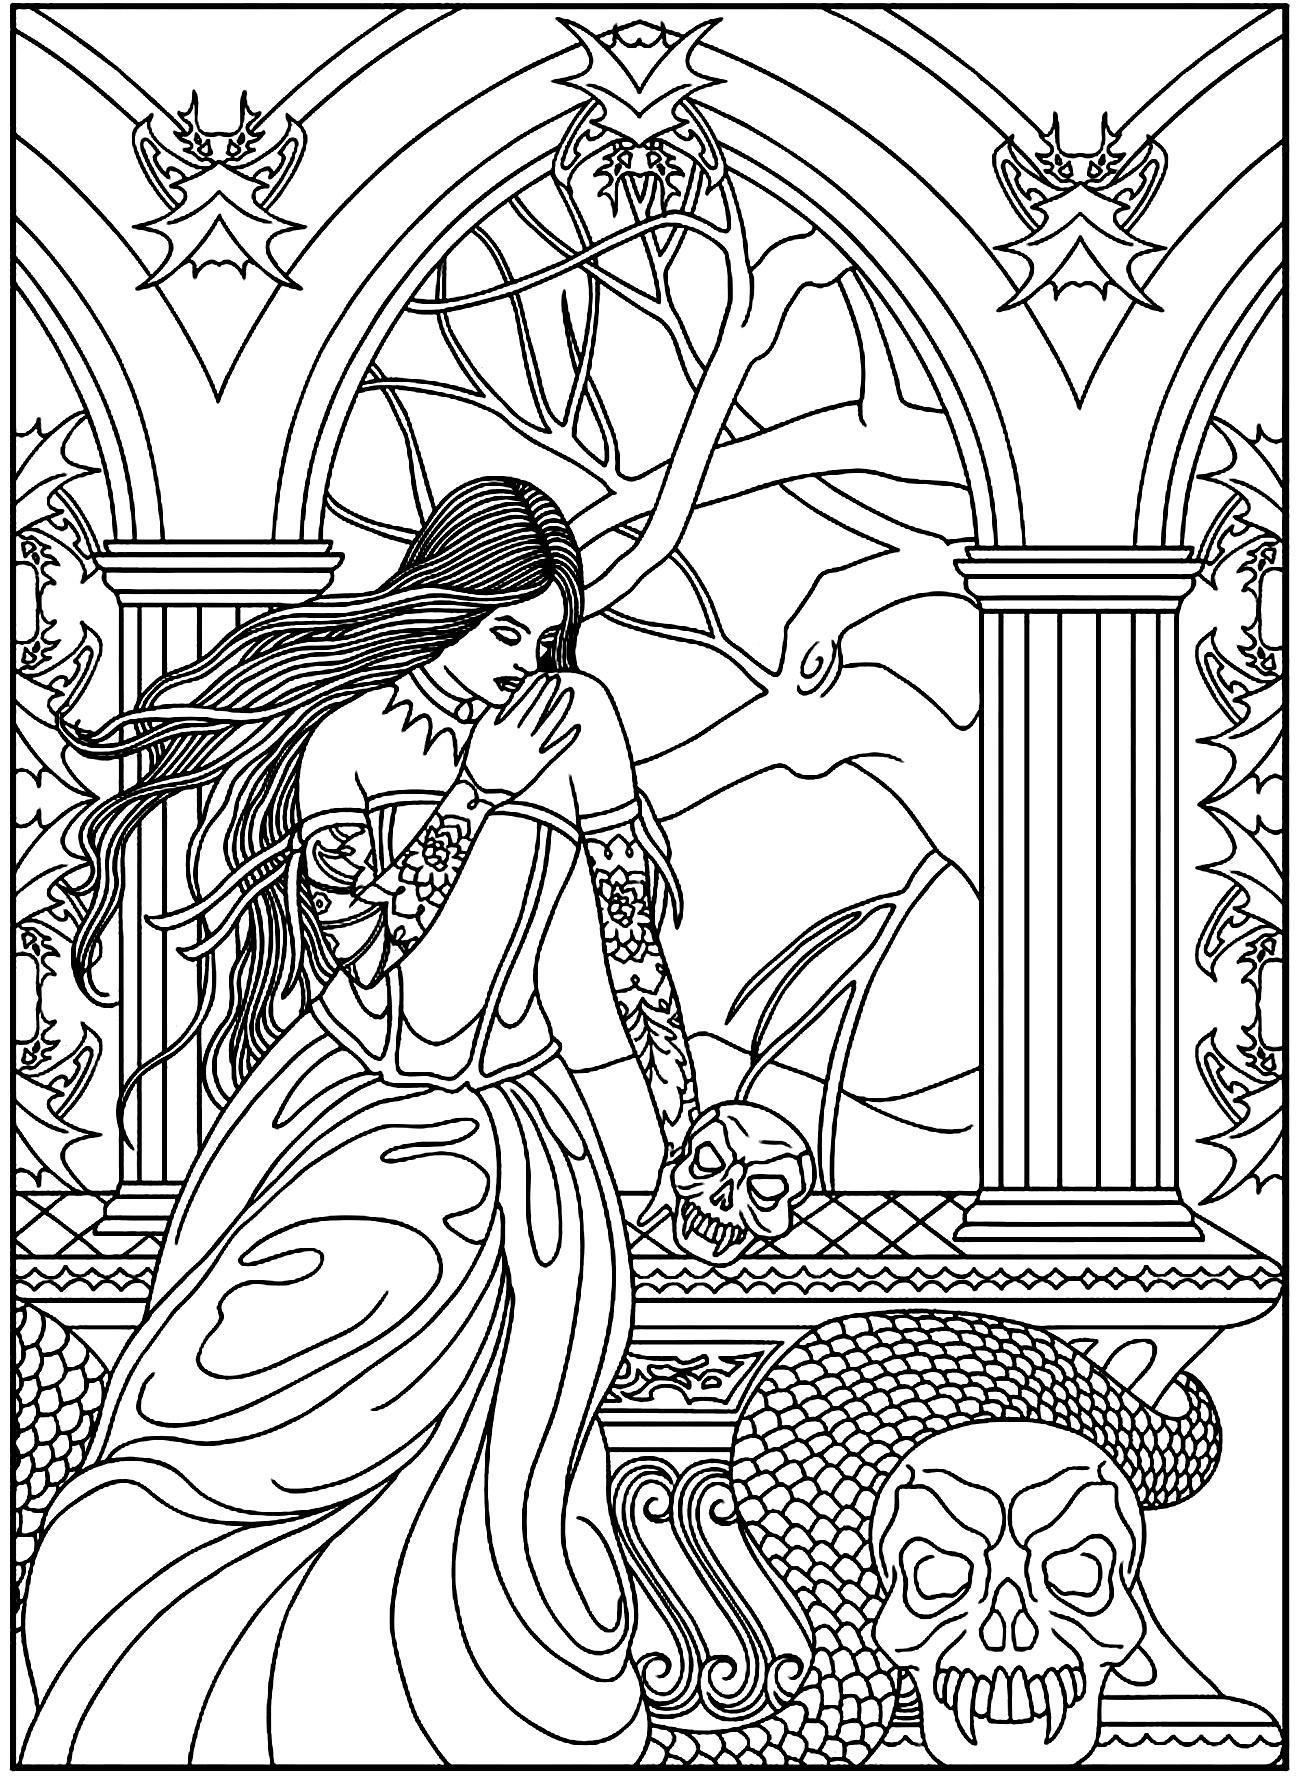 Colorear para adultos : Mitos y leyendas - 15